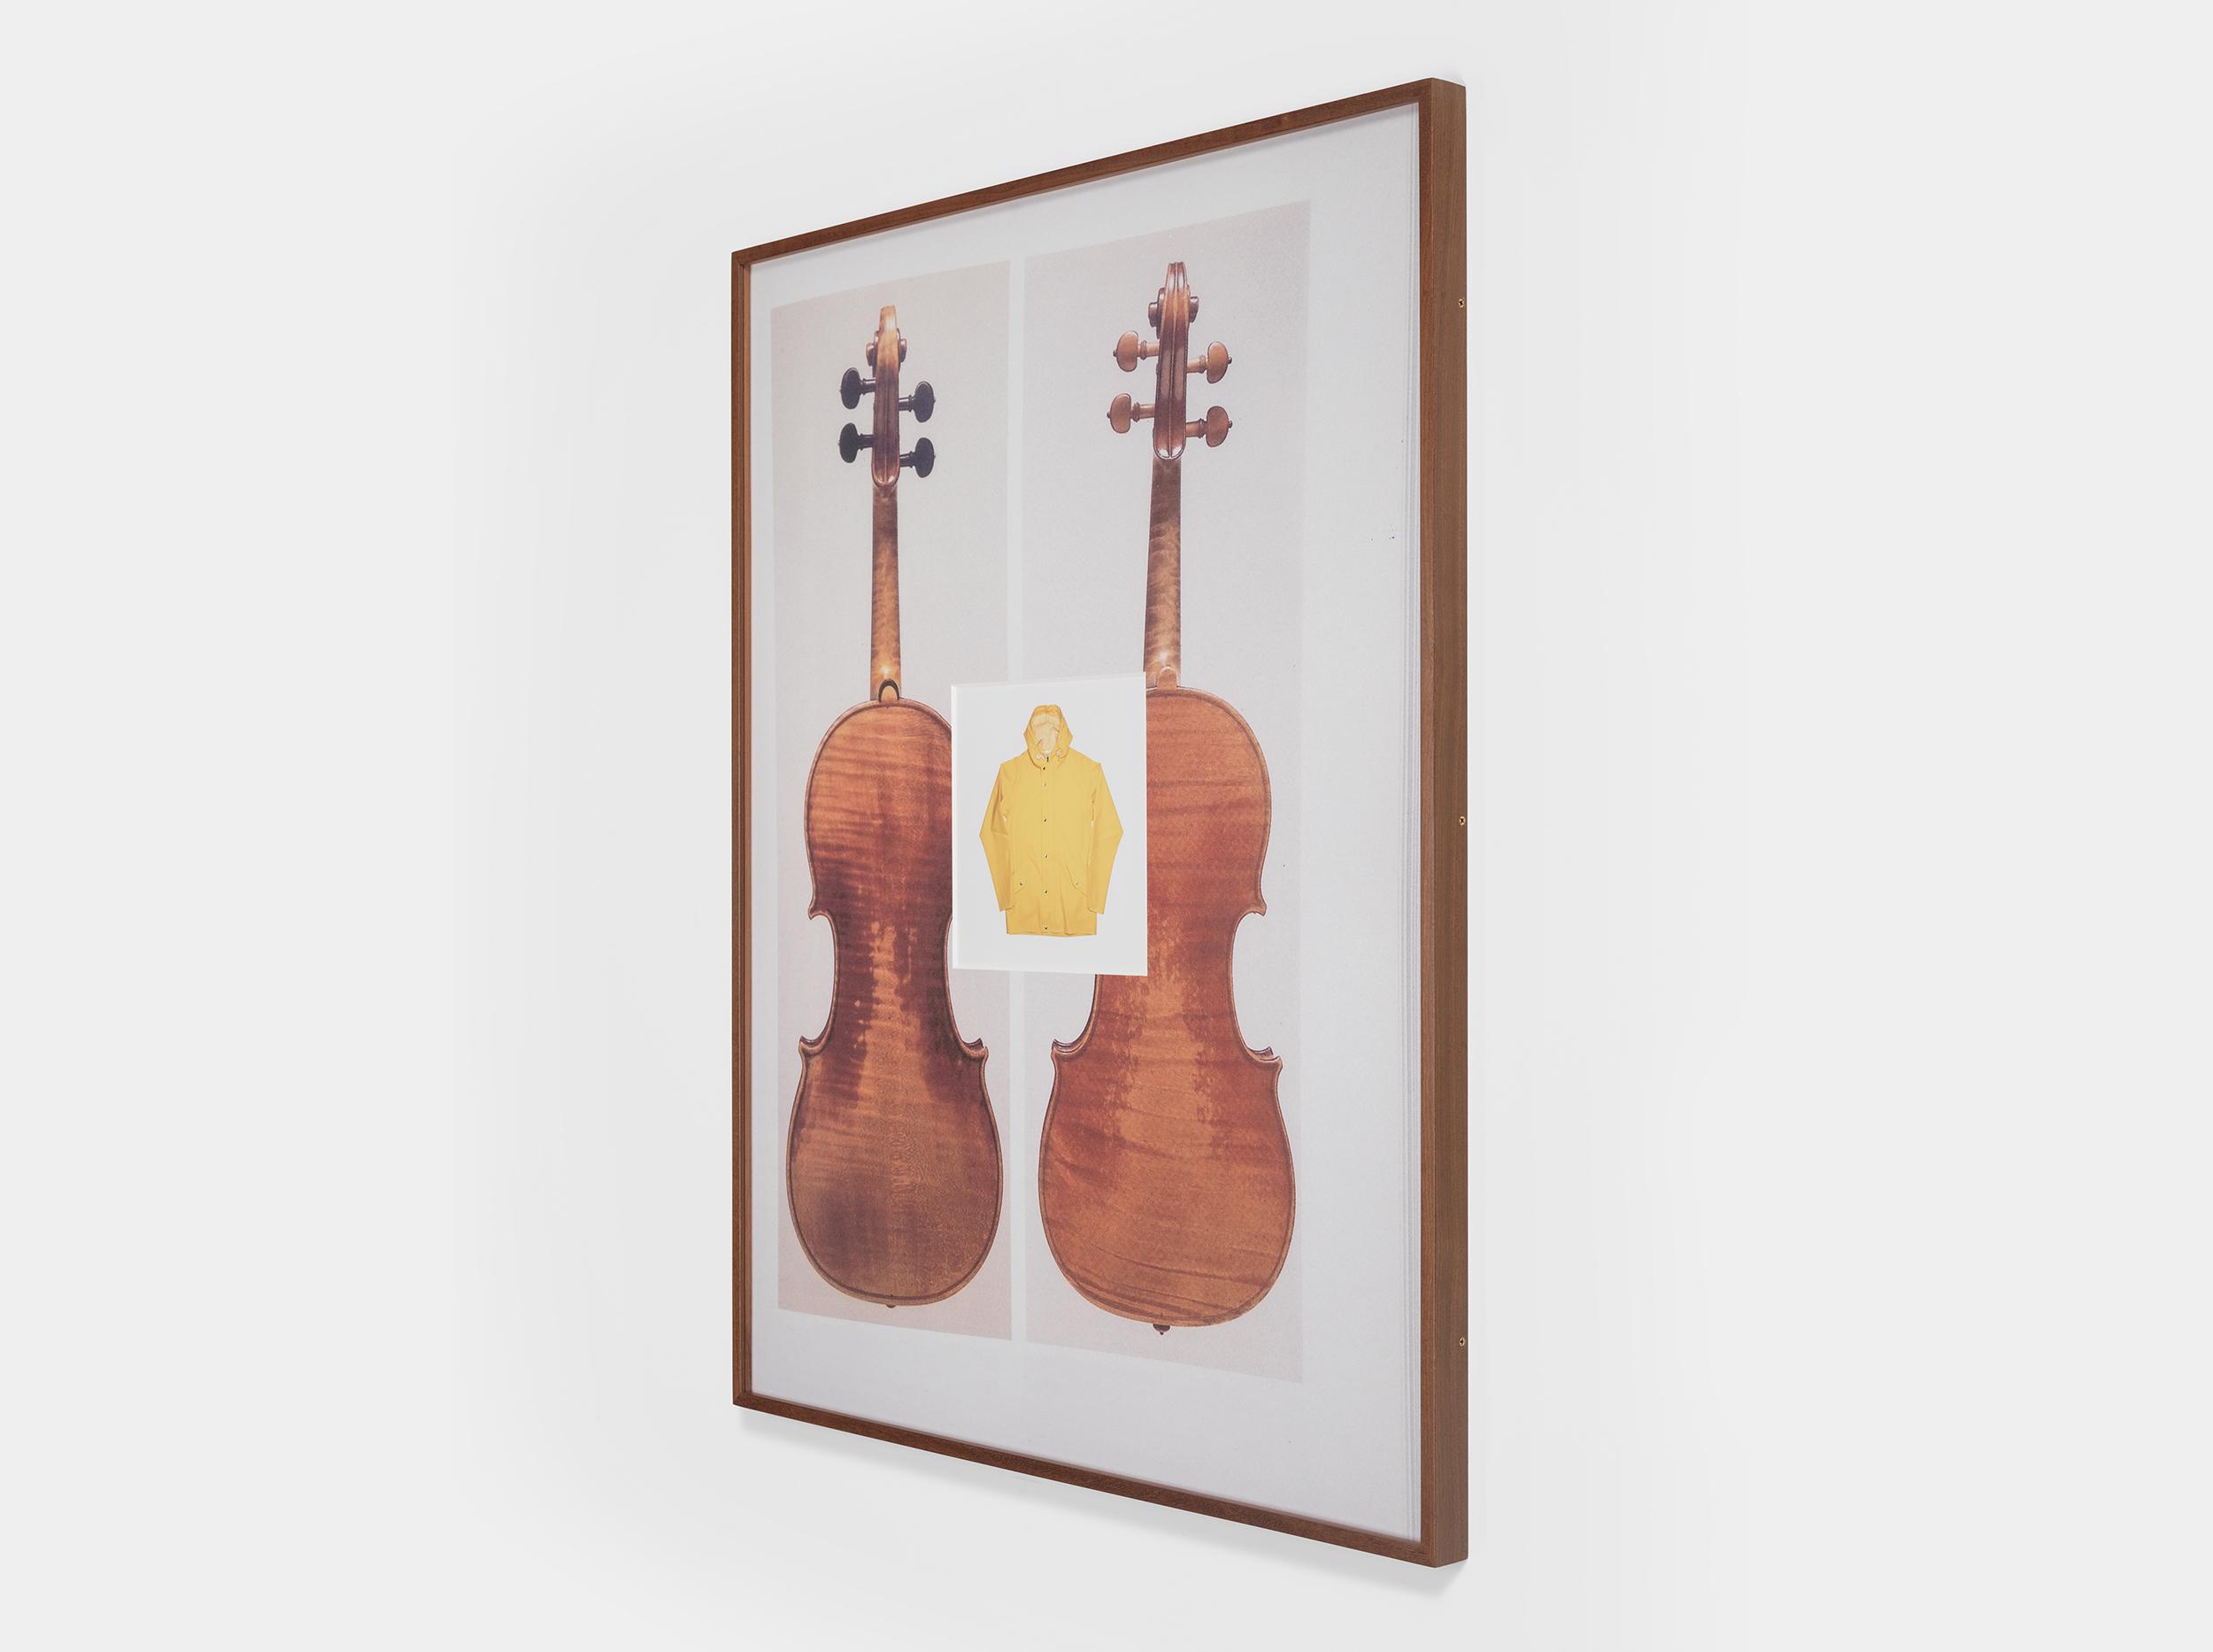 ViolinsRainjacket_2015_NickPoe.jpg